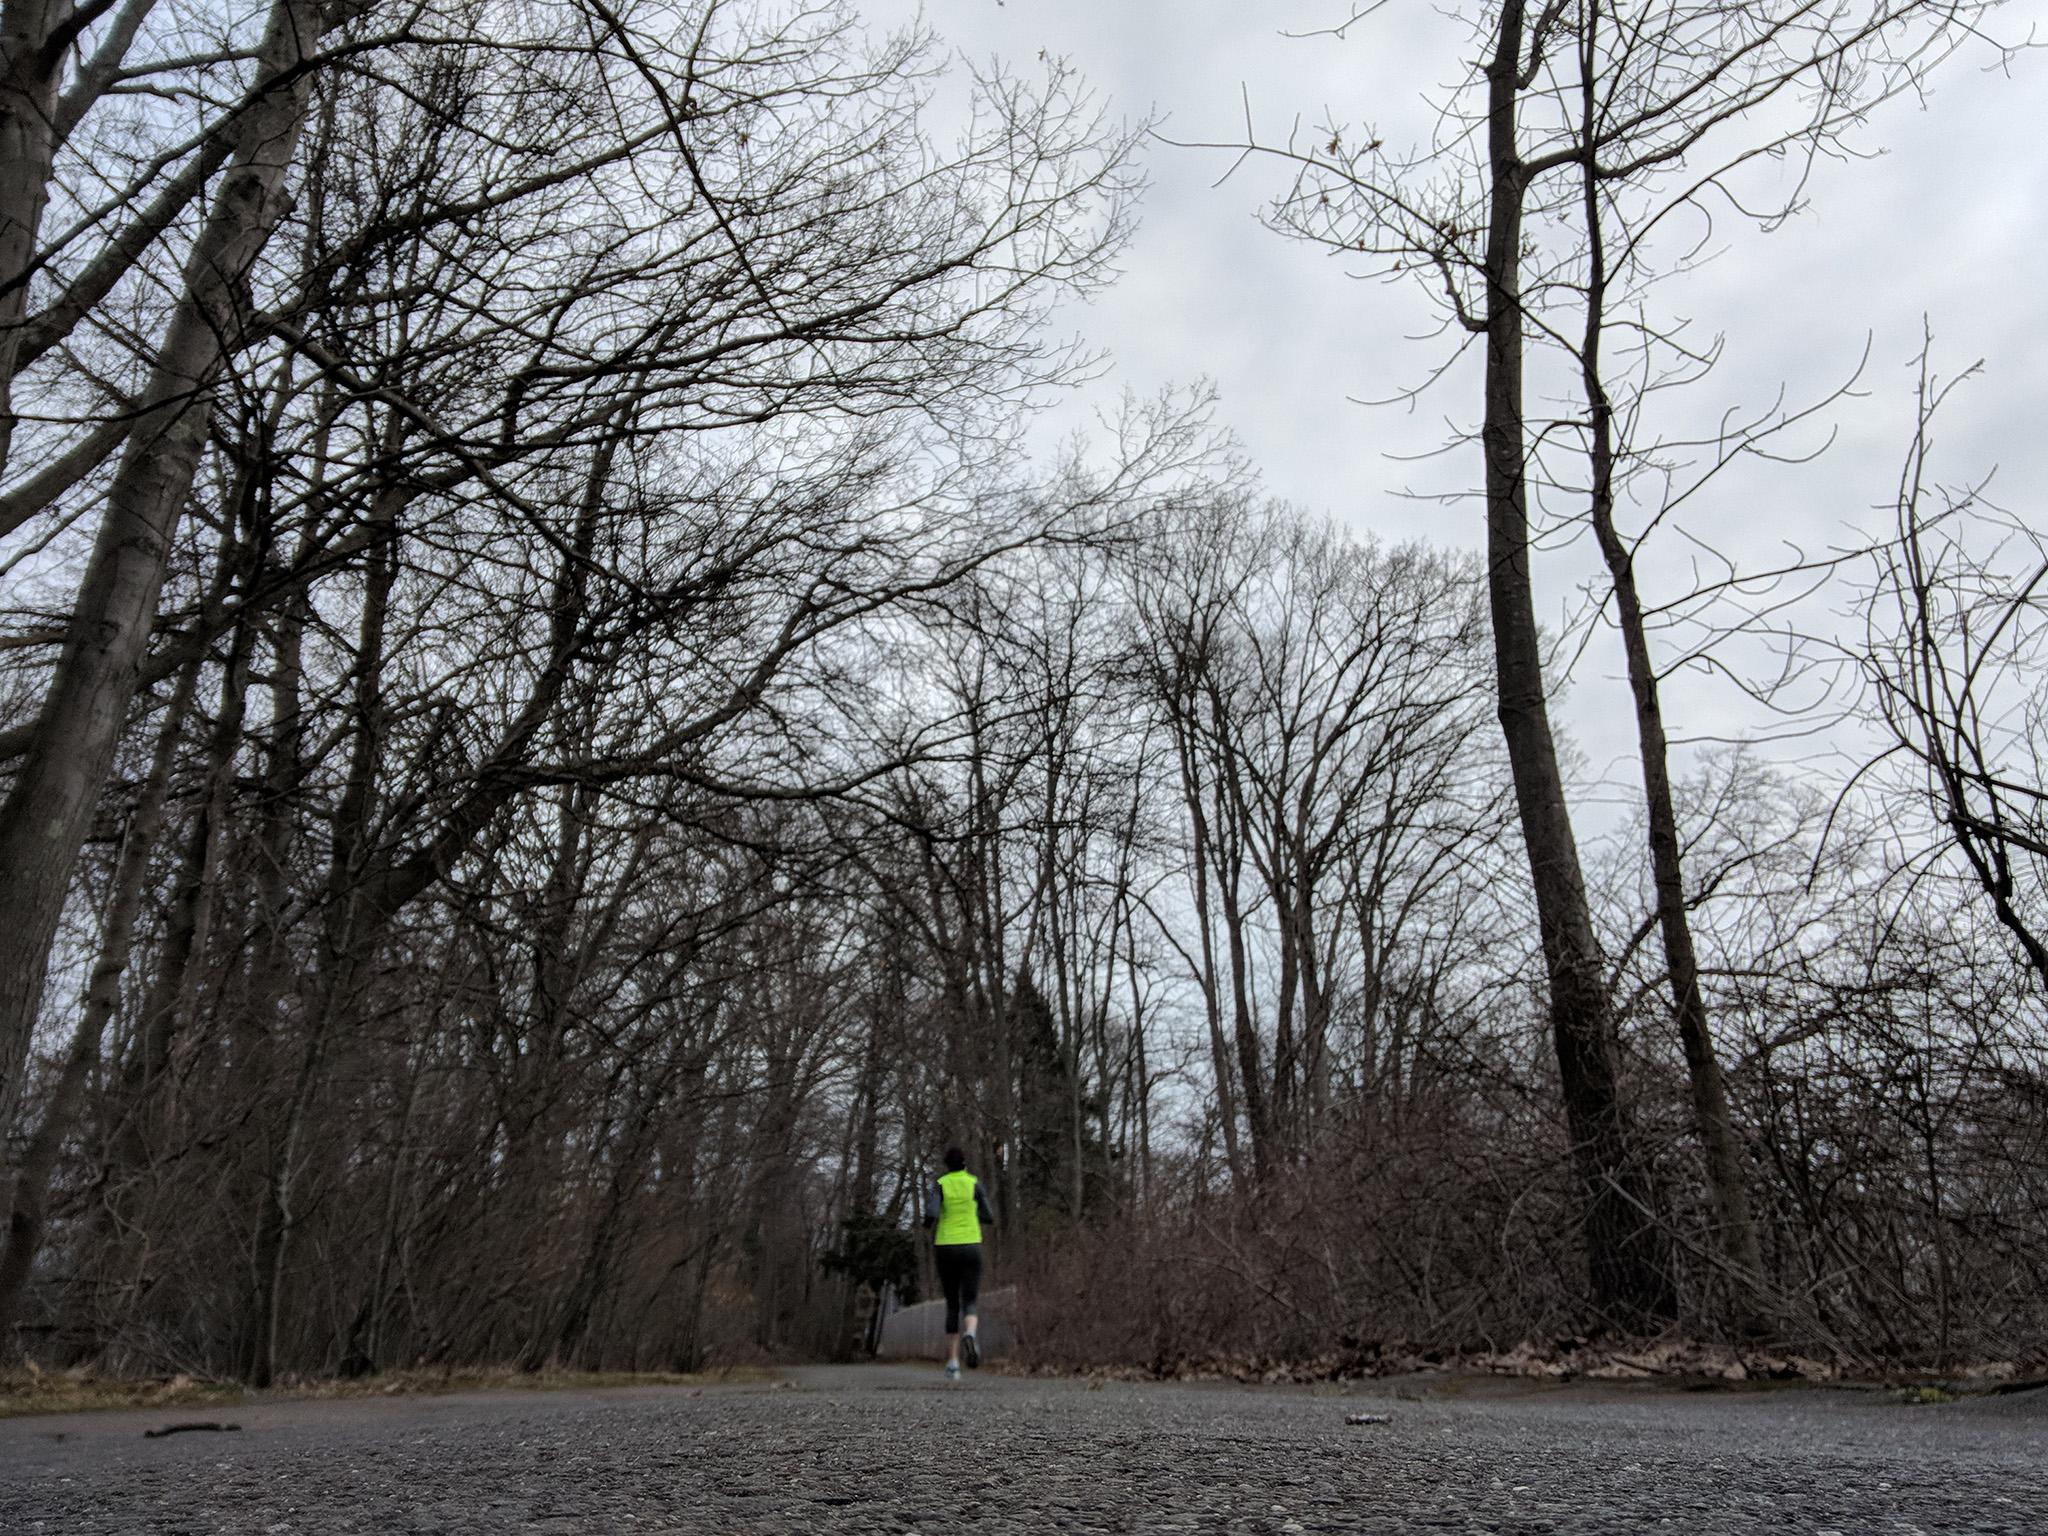 April 9: Marathon. Training. Peak mileage week.